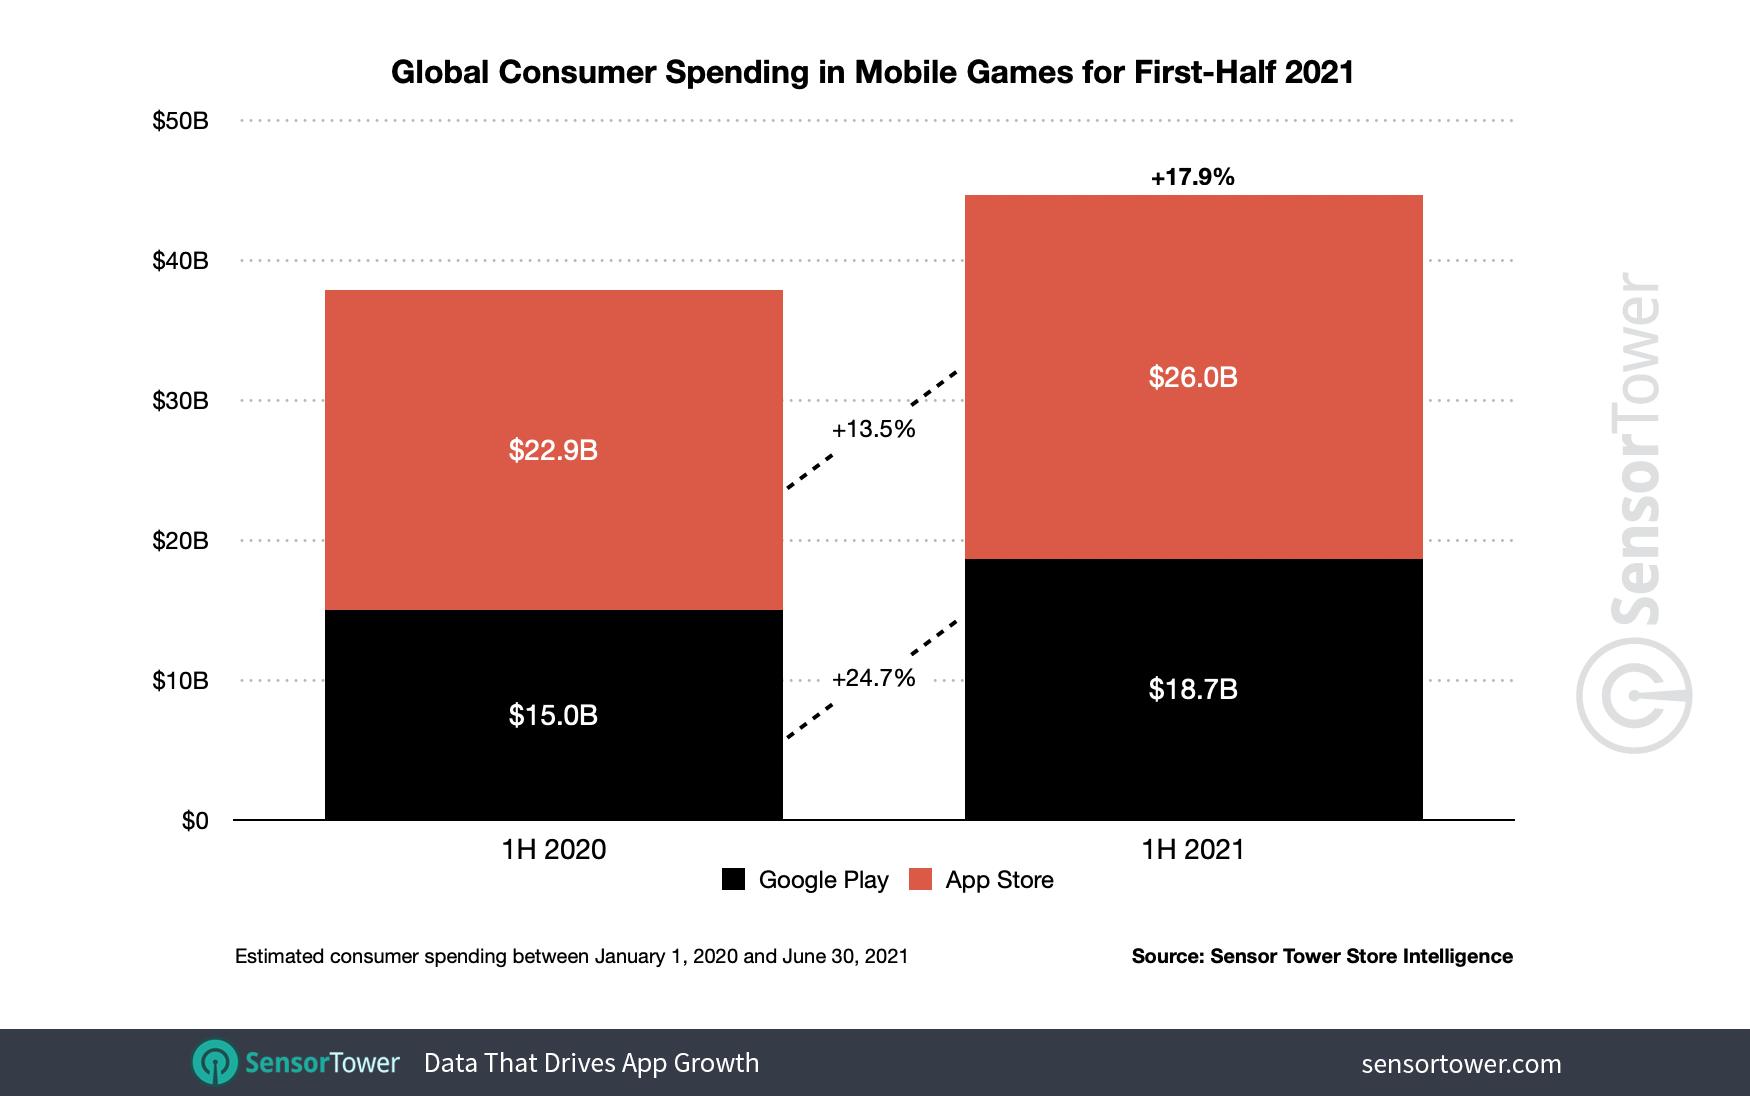 1H 2021 Mobile Game Revenue